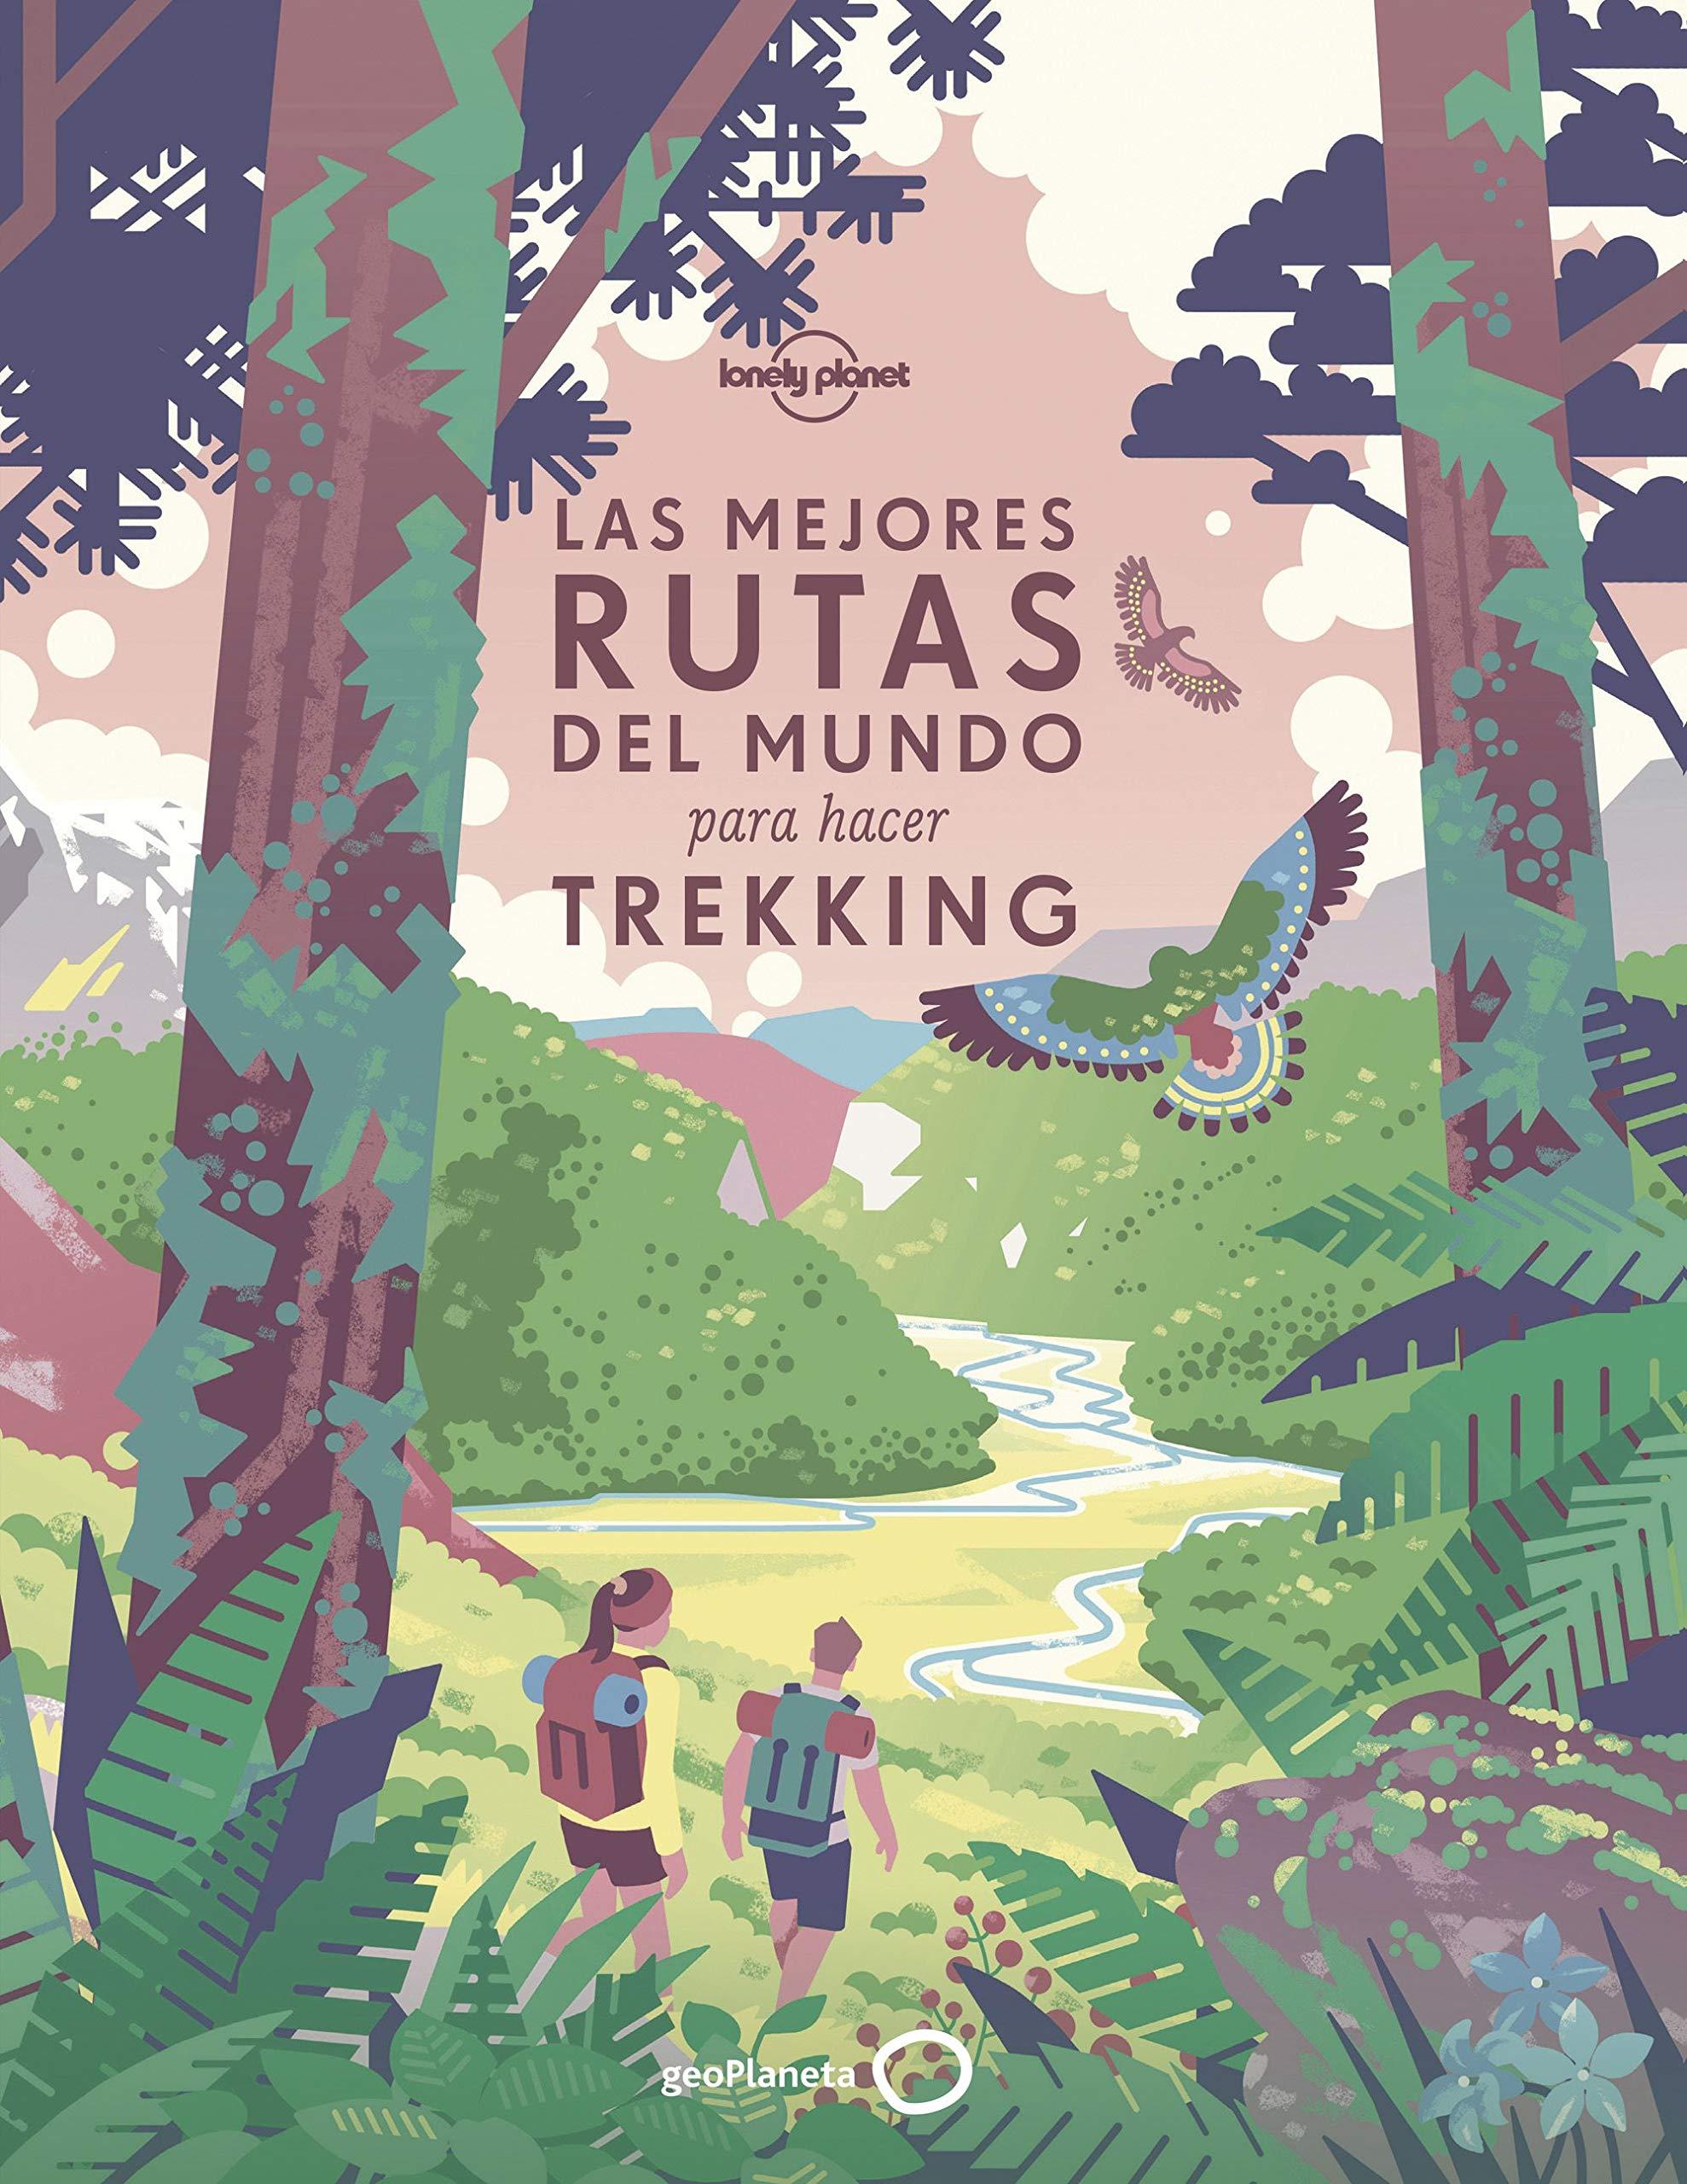 Las mejores rutas del mundo para hacer trekking Viaje y aventura: Amazon.es: AA. VV., Álvarez González, Delia, García García, Jorge, Gastón, María Olalla: Libros